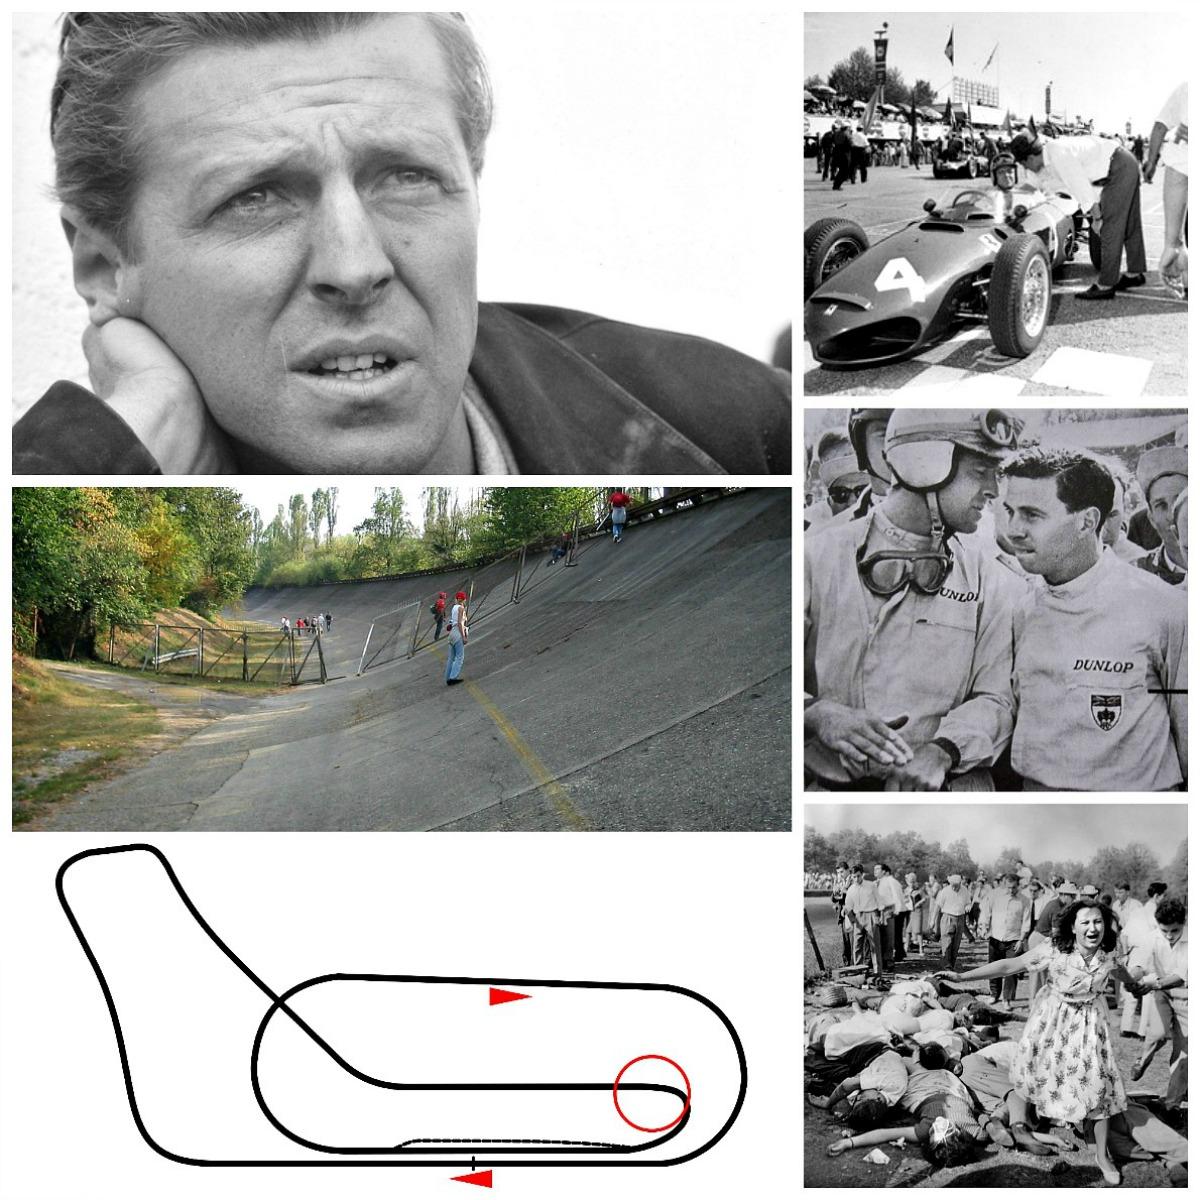 Monza von Trips collage I